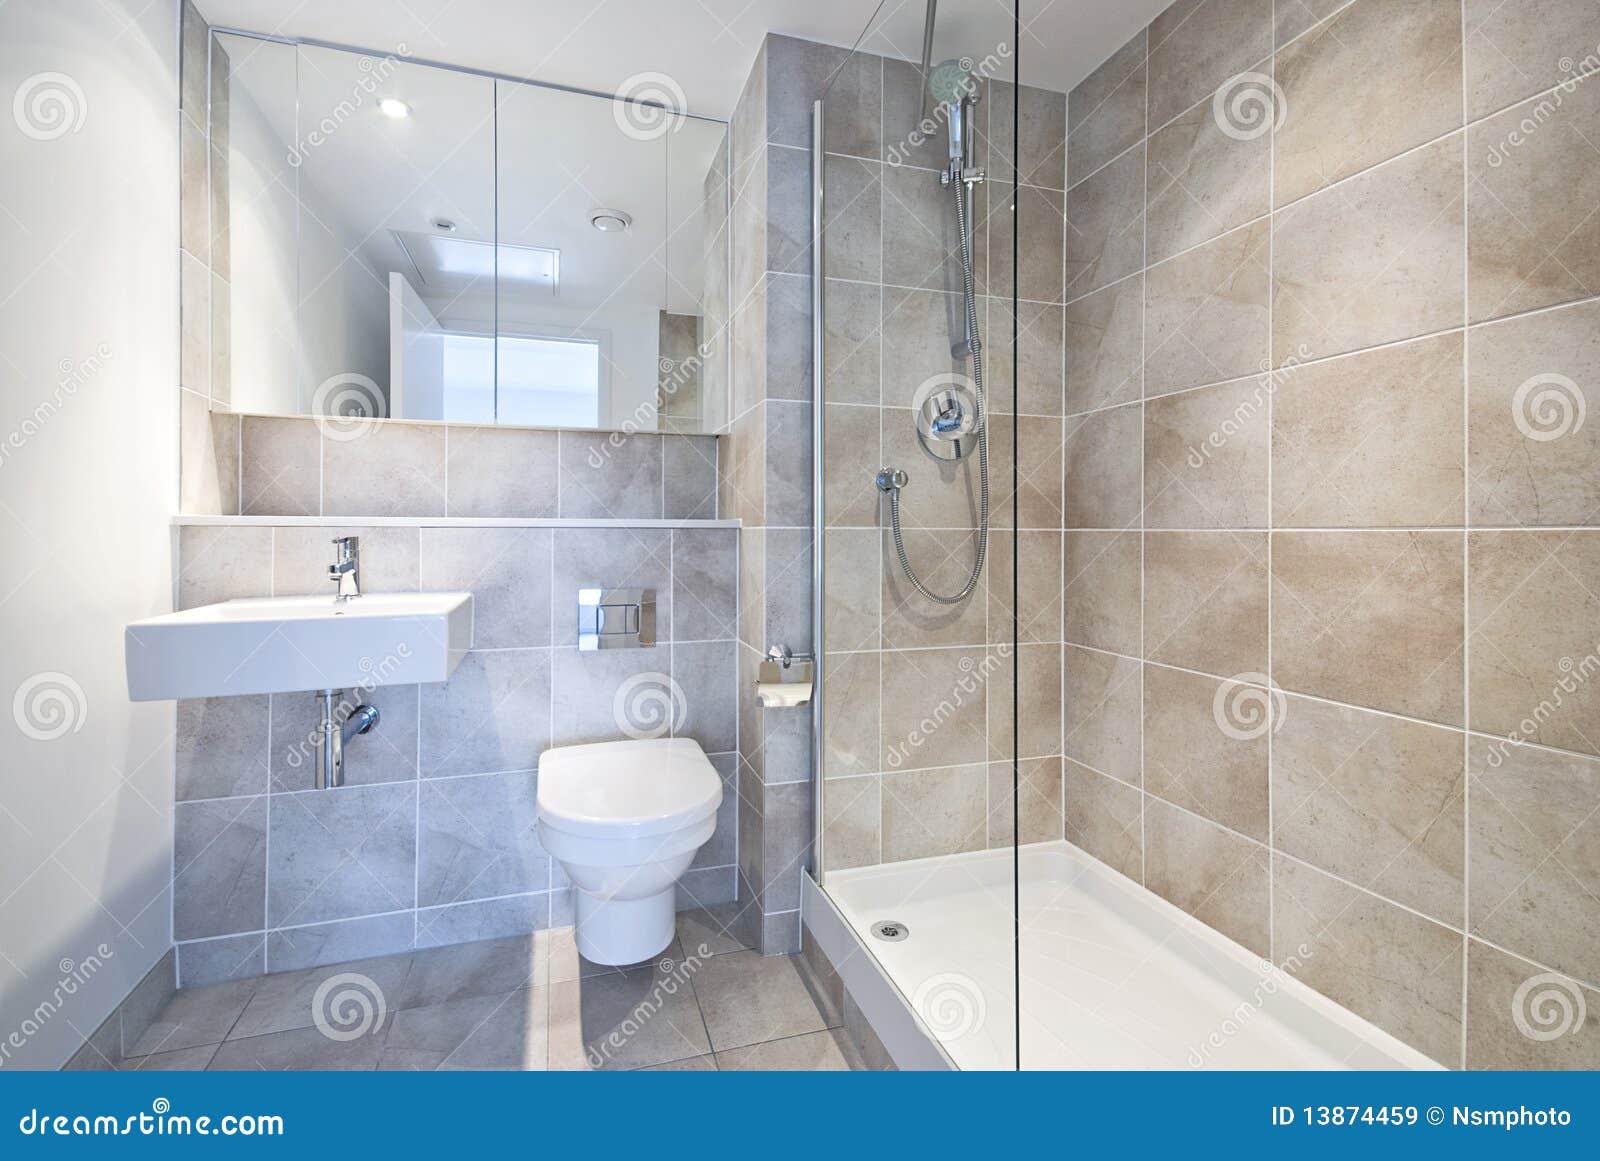 Moderne engelse reeksbadkamers met grote douche royalty vrije stock afbeeldingen beeld 13874459 - Moderne douche fotos ...